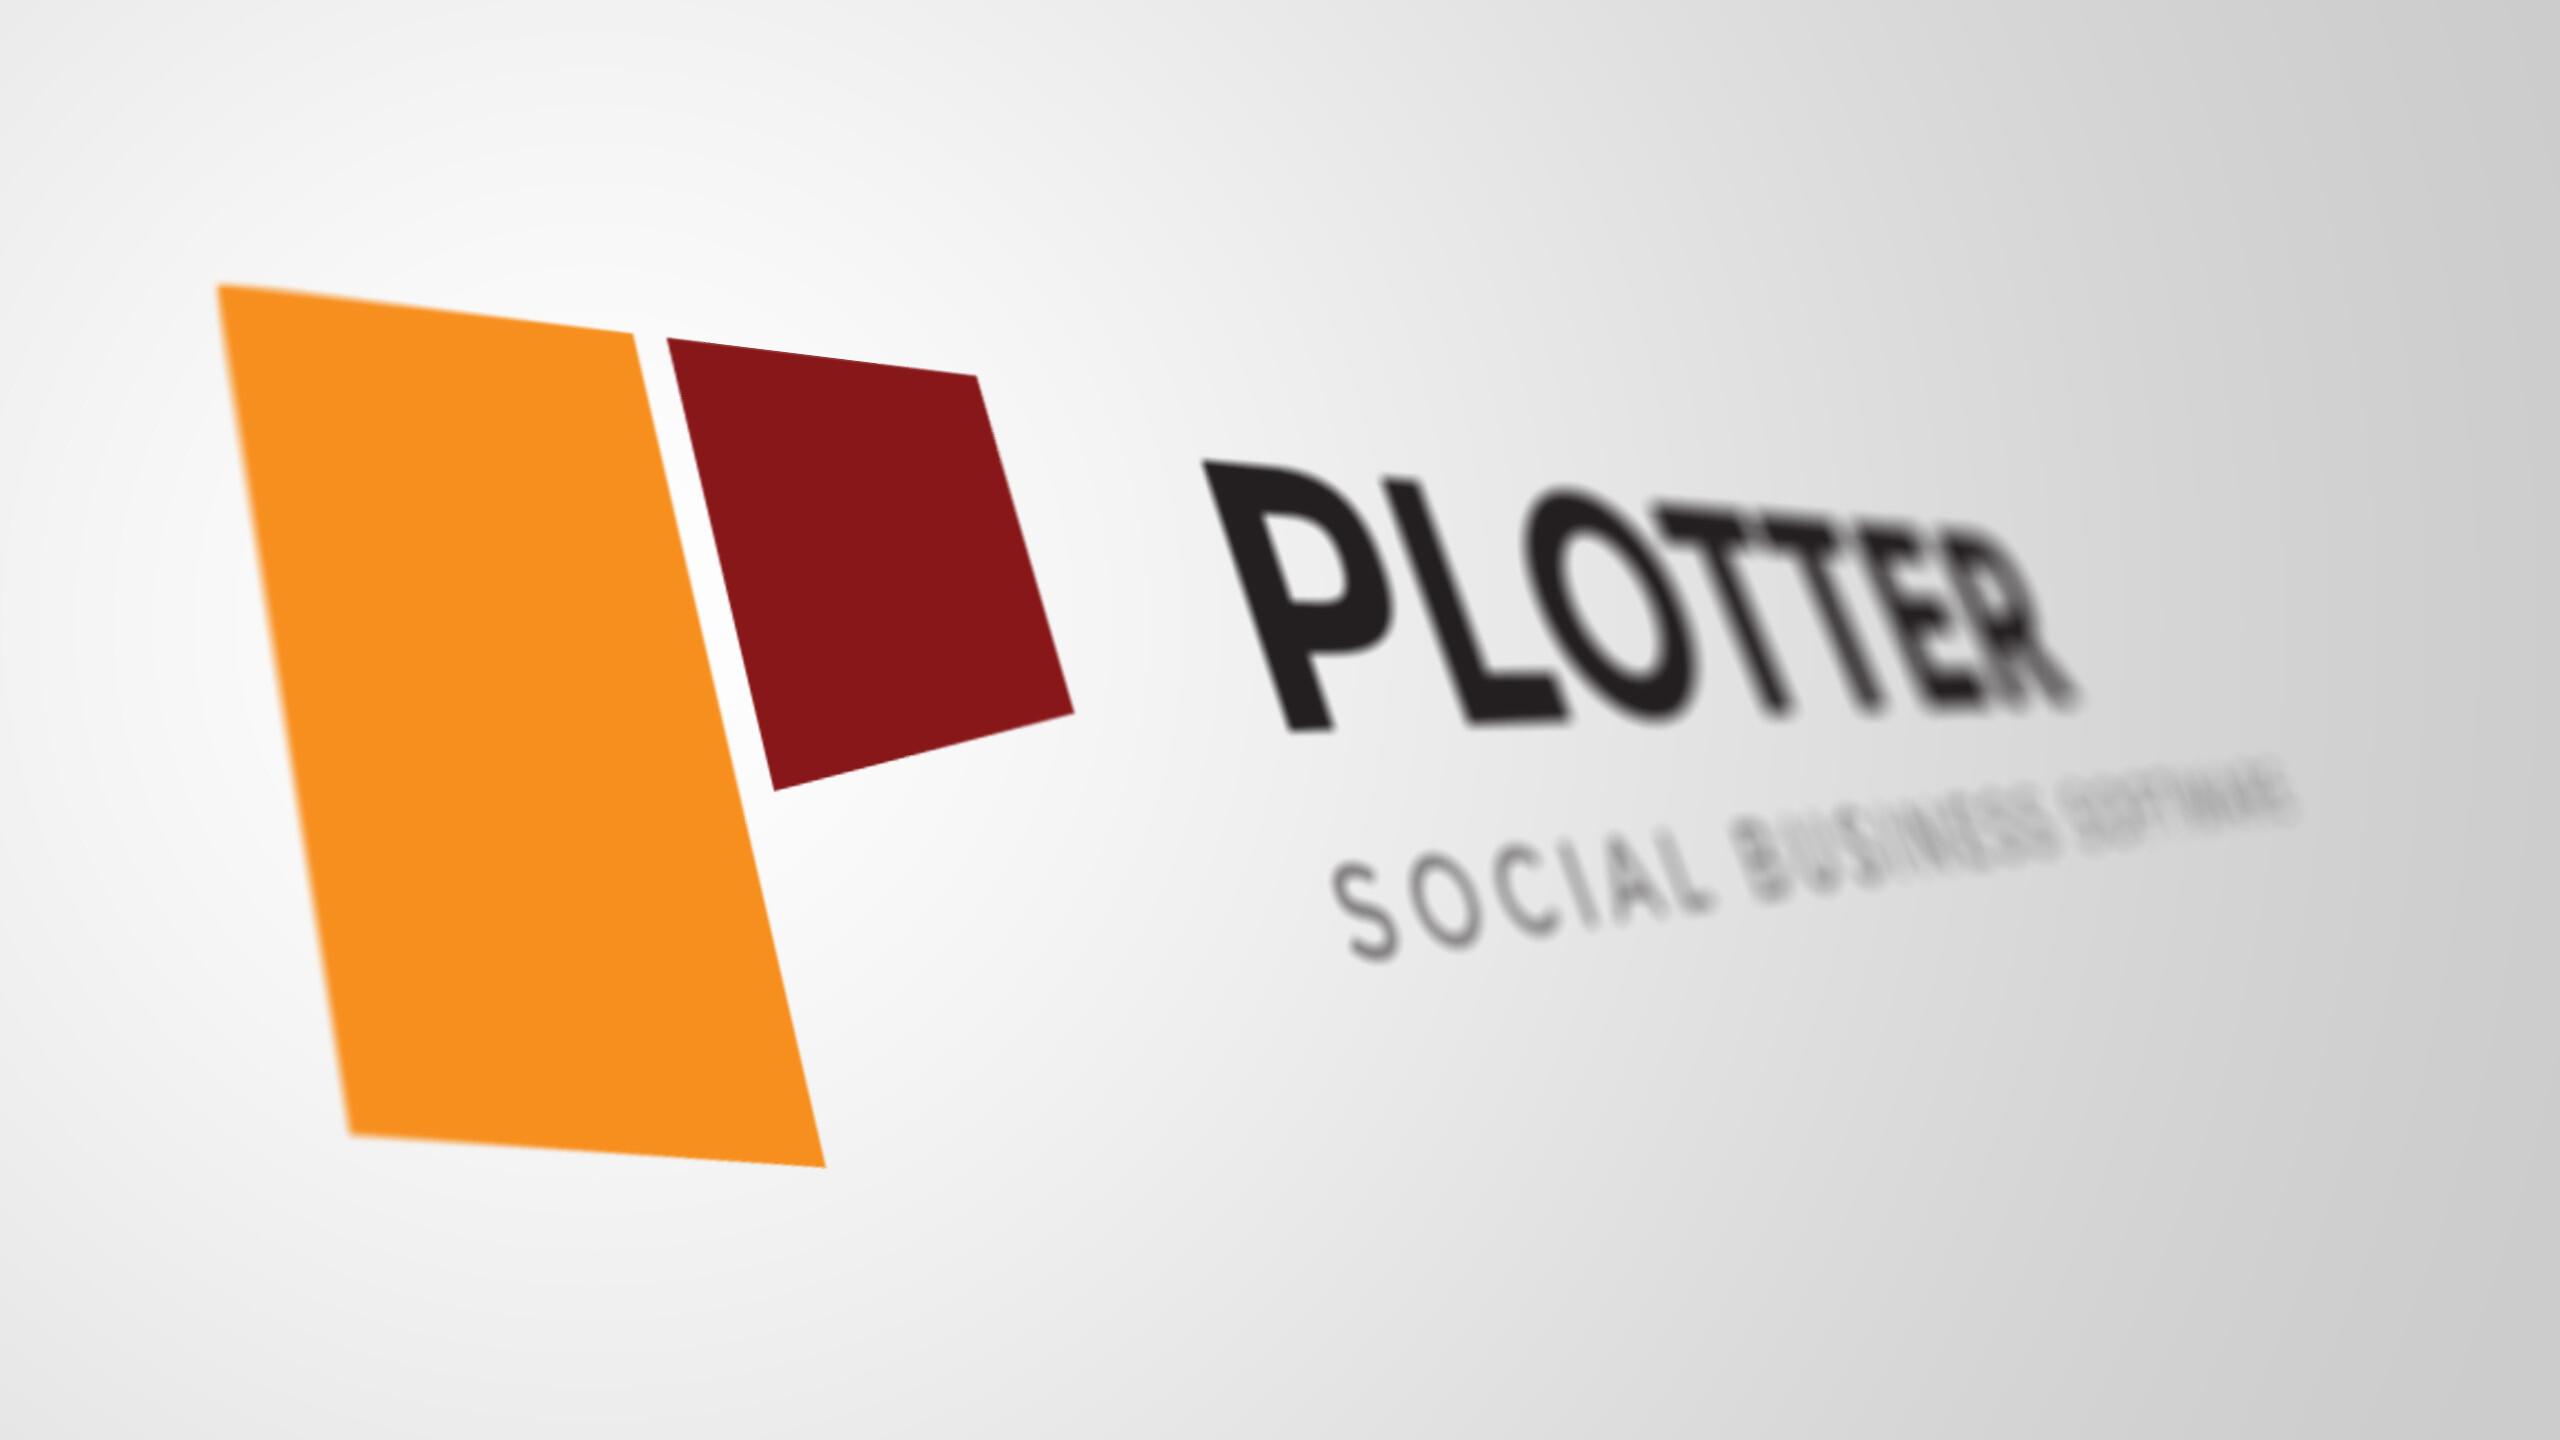 screenshot Plotter